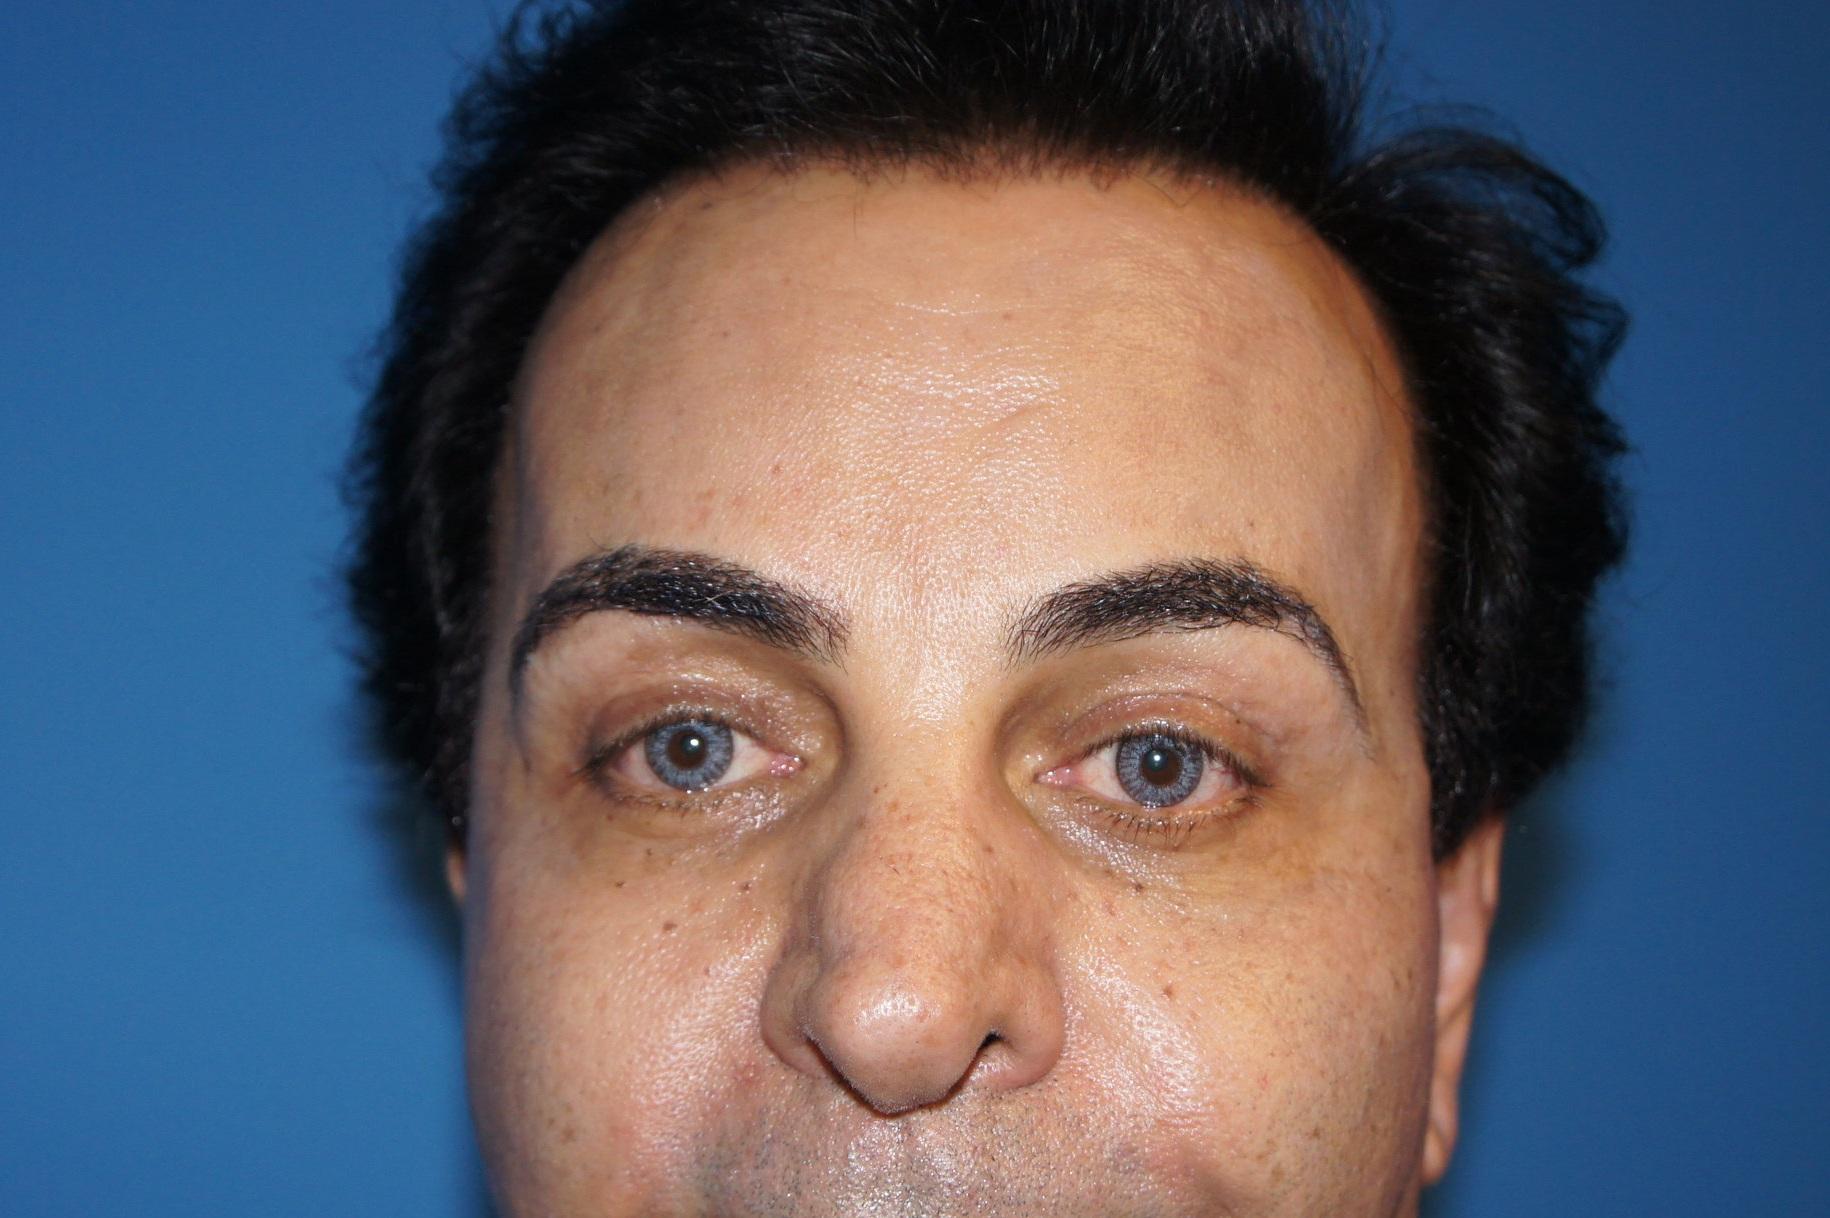 Upper Eyelid, After Ptosis Repair